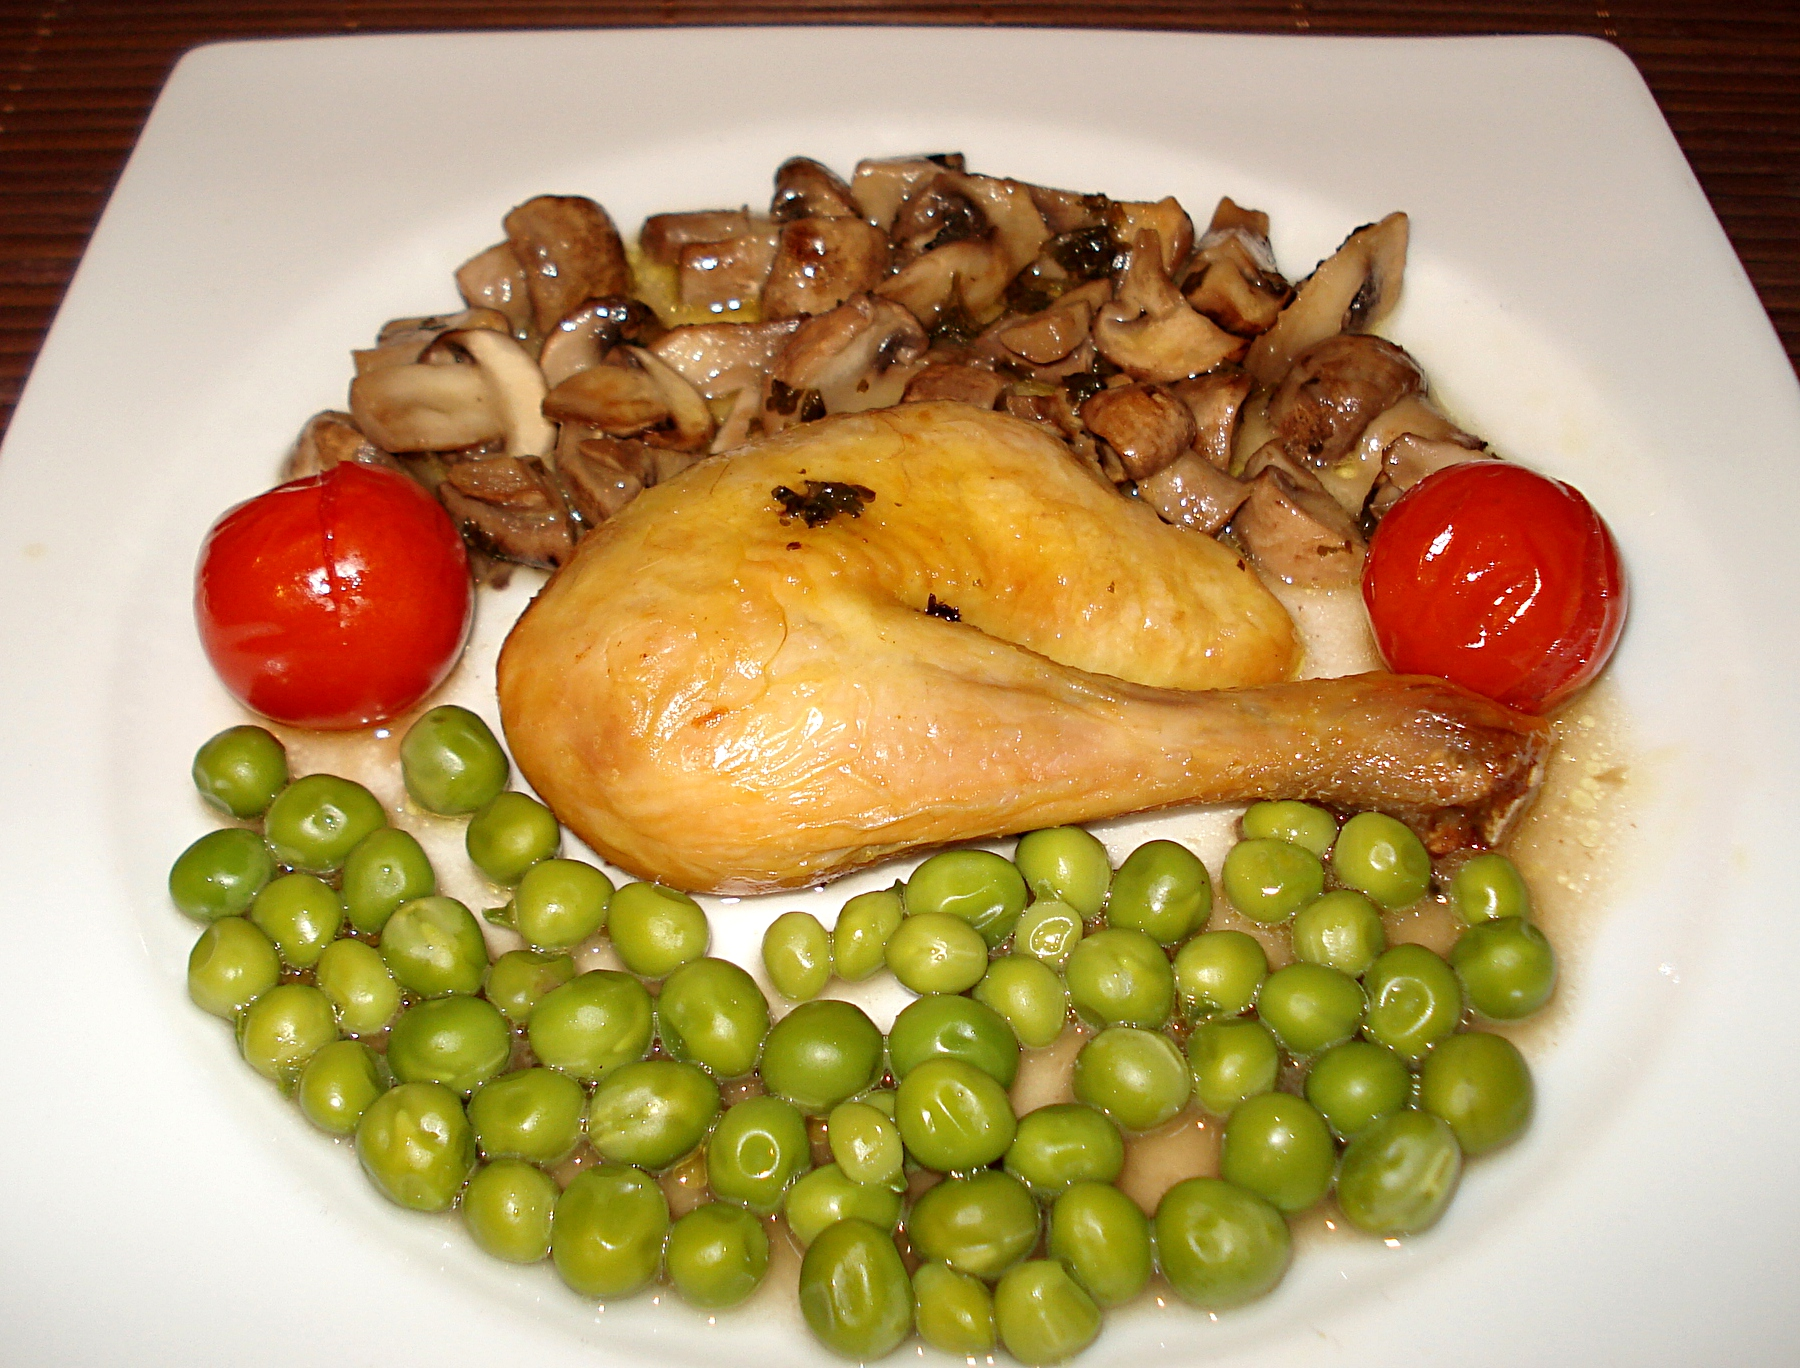 Une recette traditionnelle de poulet rôti aux légumes de printemps